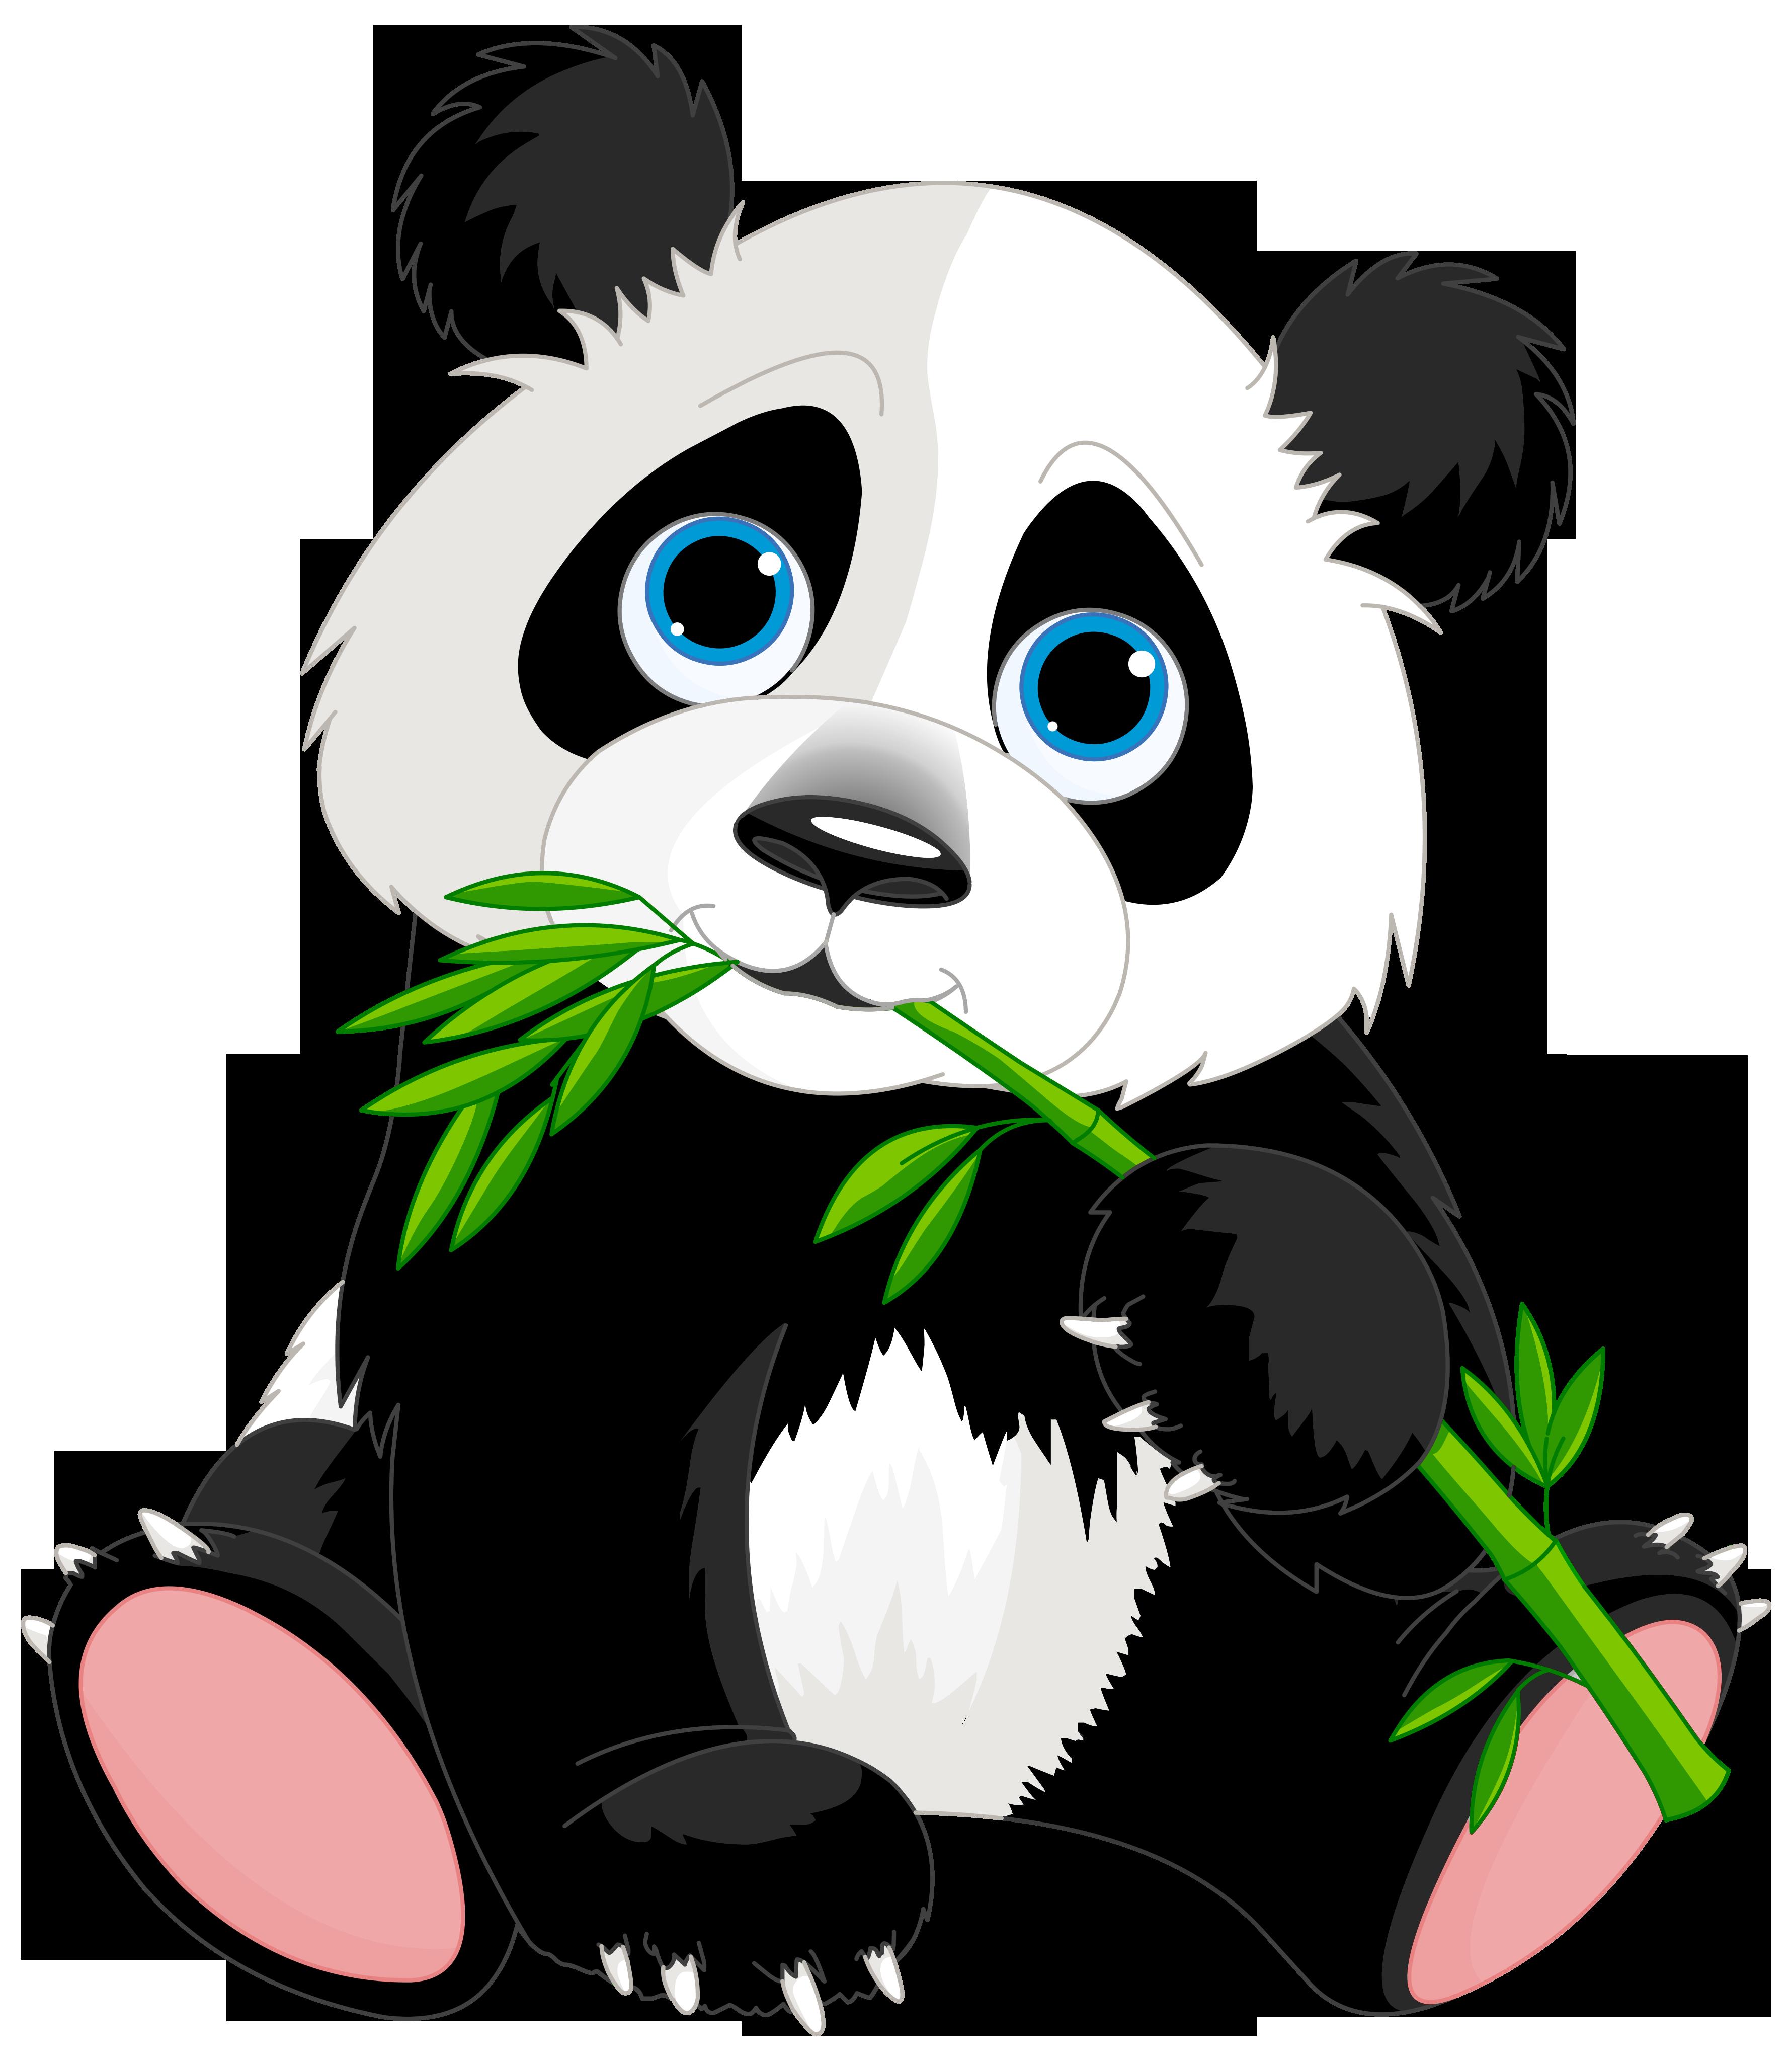 Cute Panda Cartoon Clipart